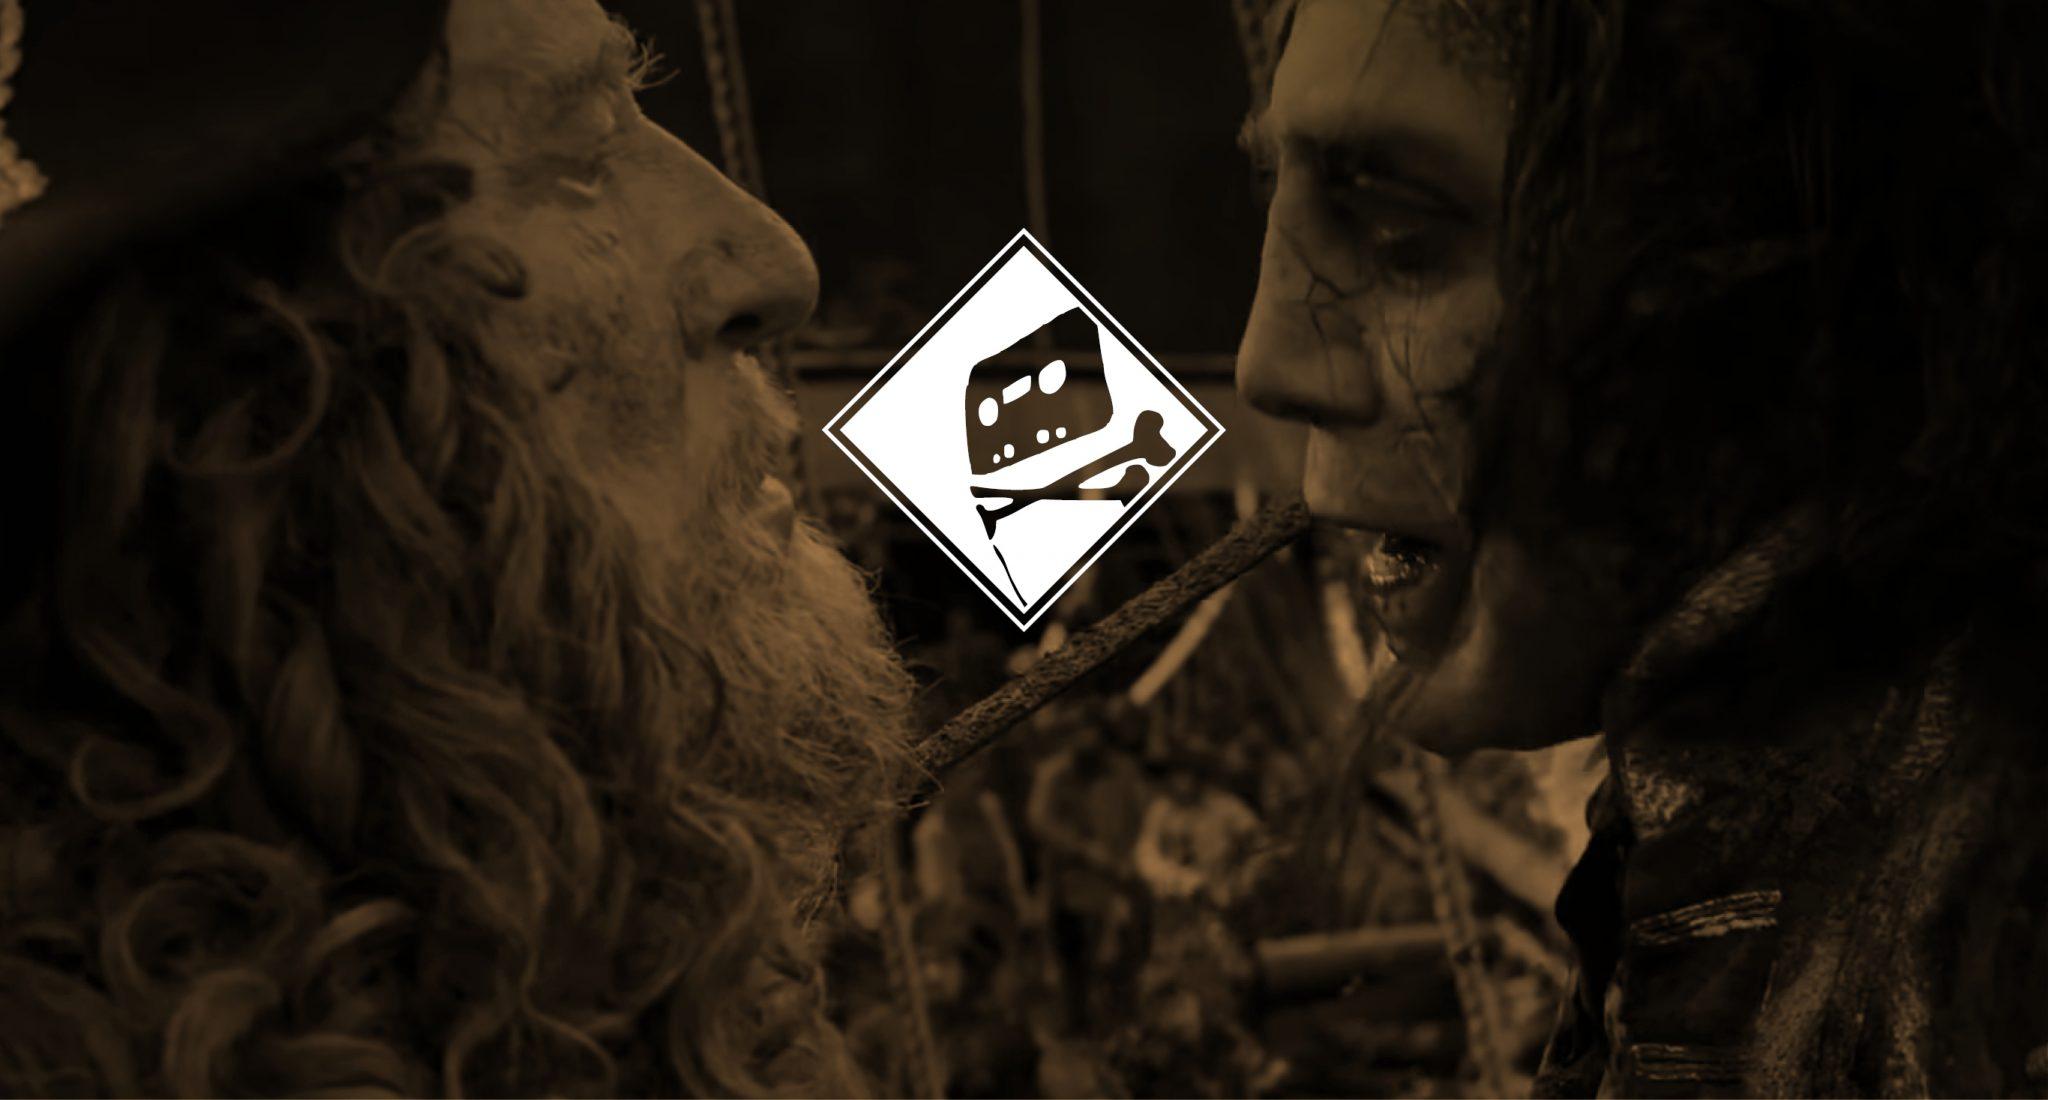 Европейские интернет-провайдеры массово блокируют The Pirate Bay